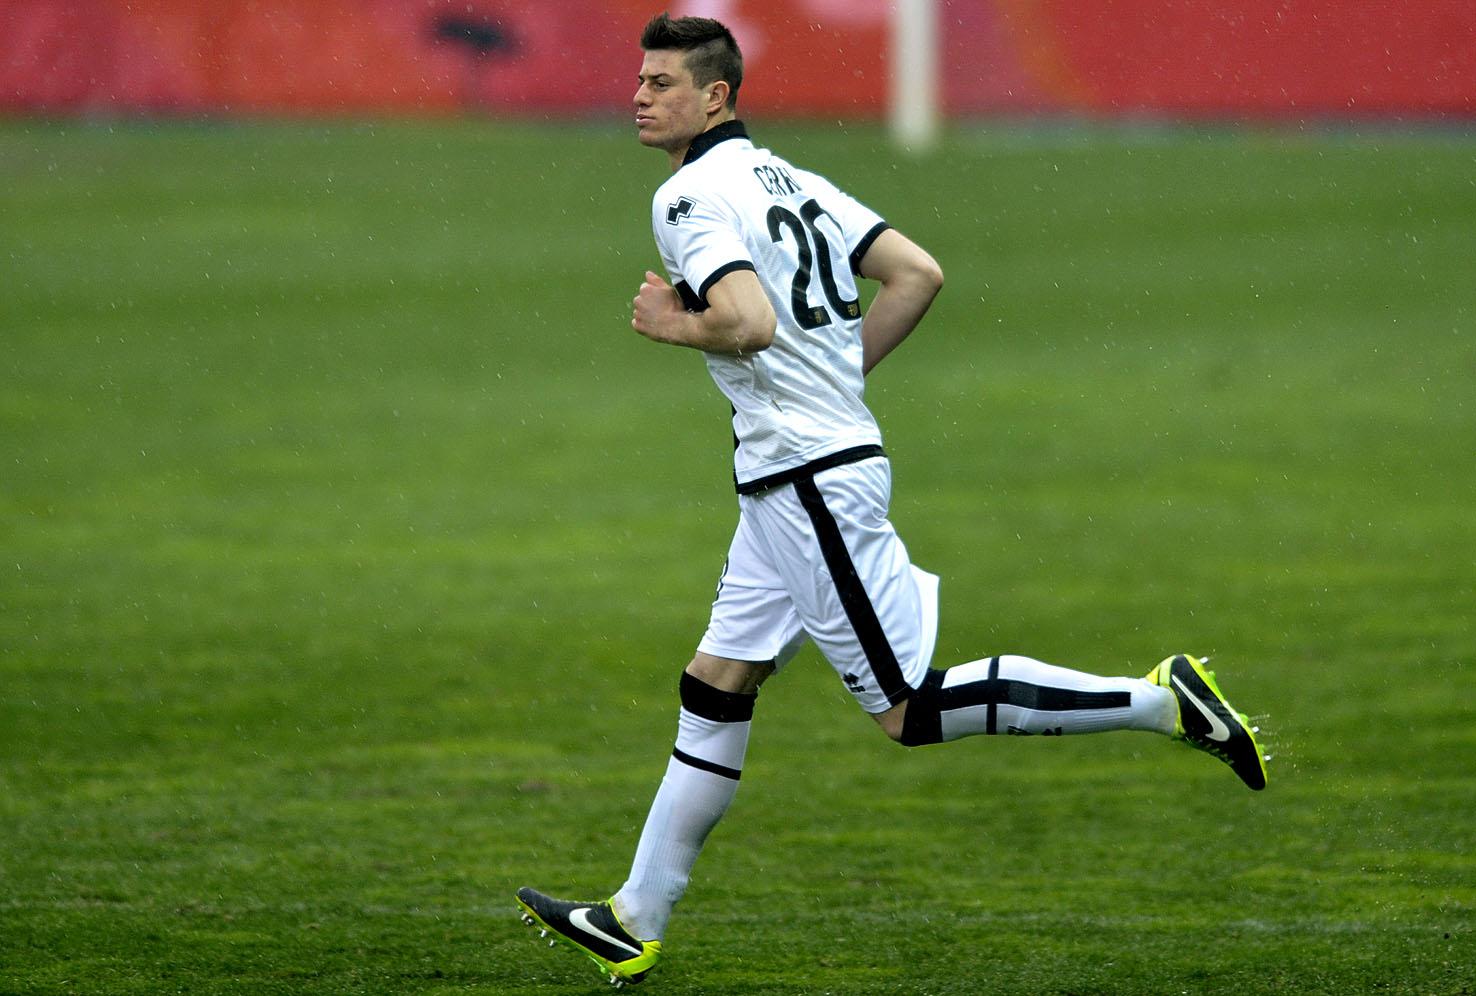 Alberto Cerri all'esordio in Serie A, con la maglia del Parma